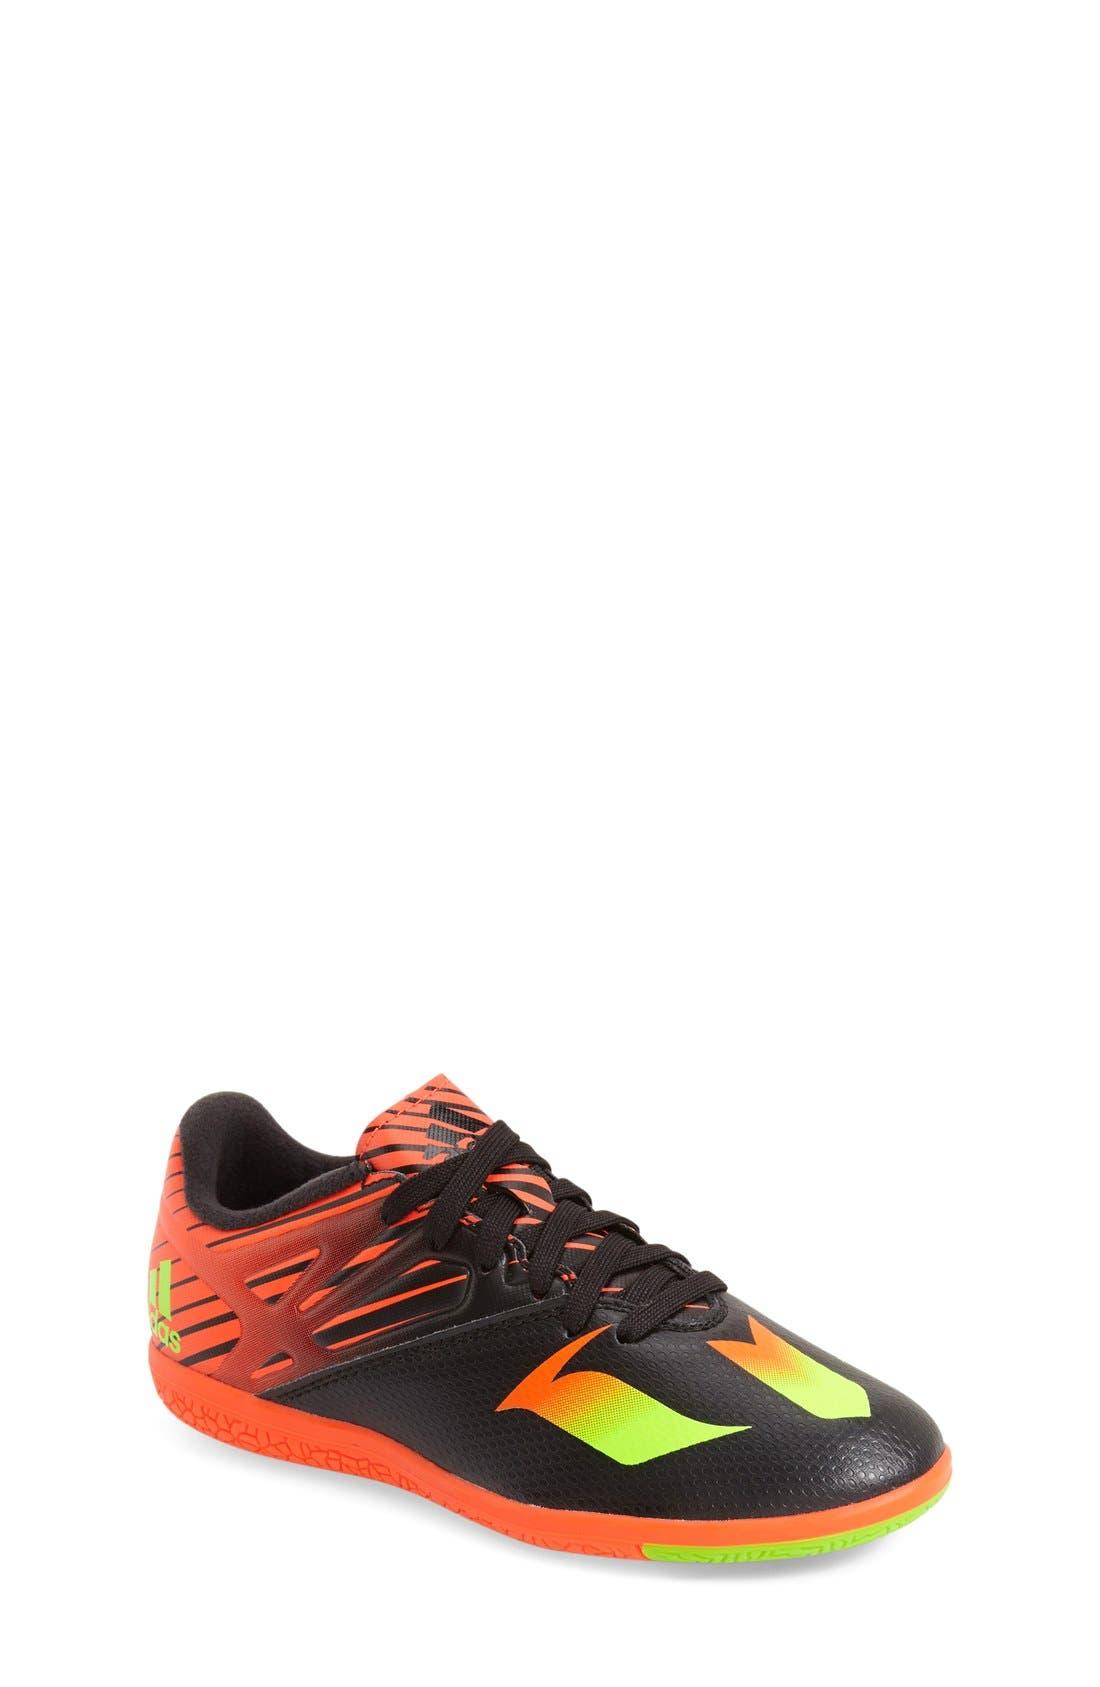 adidas 'Messi 15.3' Indoor Soccer Shoe